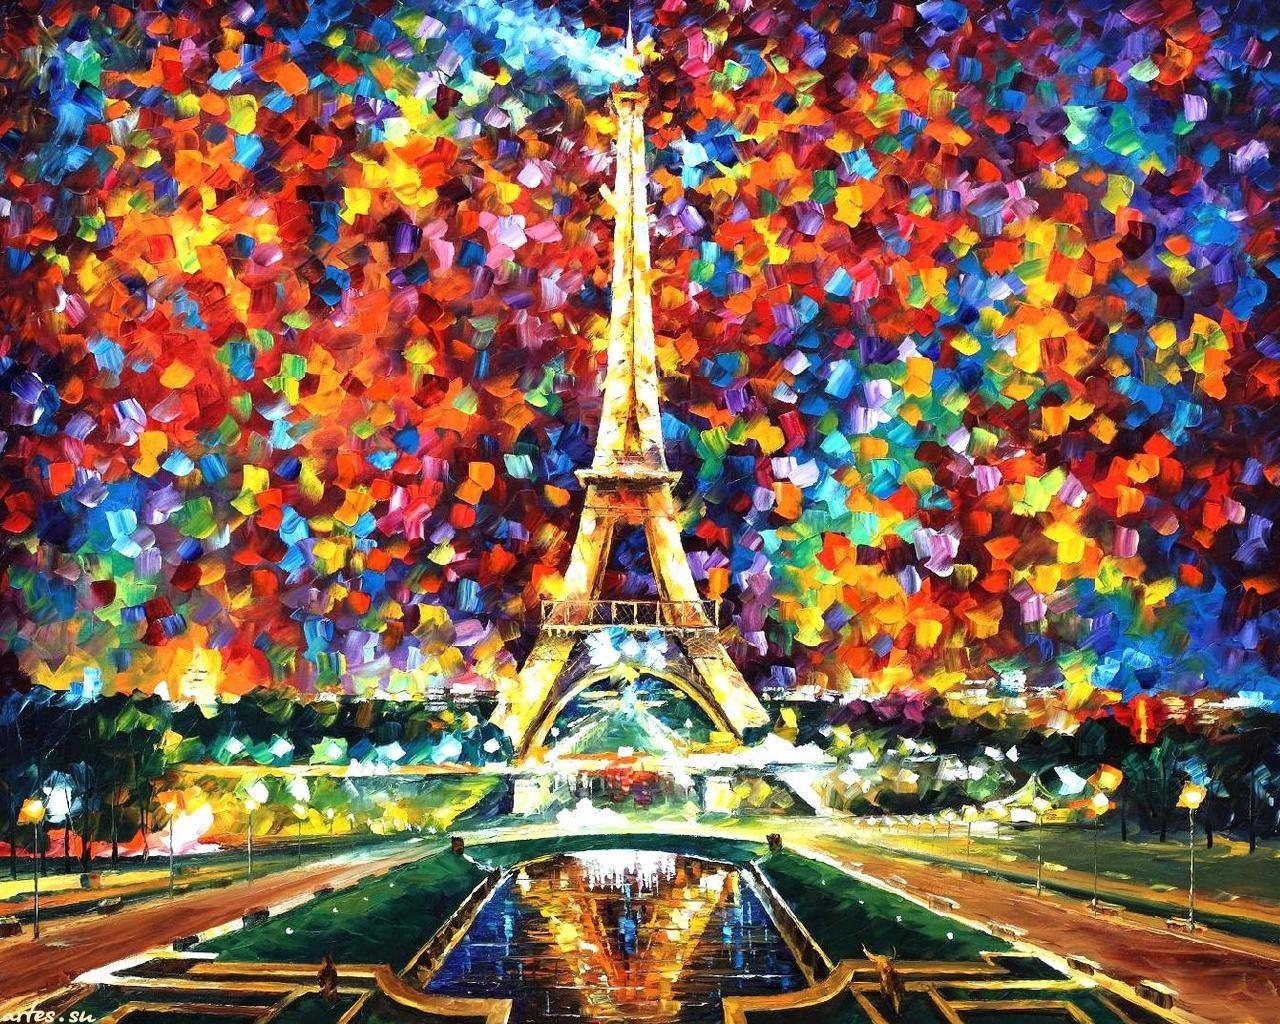 Париж картинки (272 фото) скачать обои.